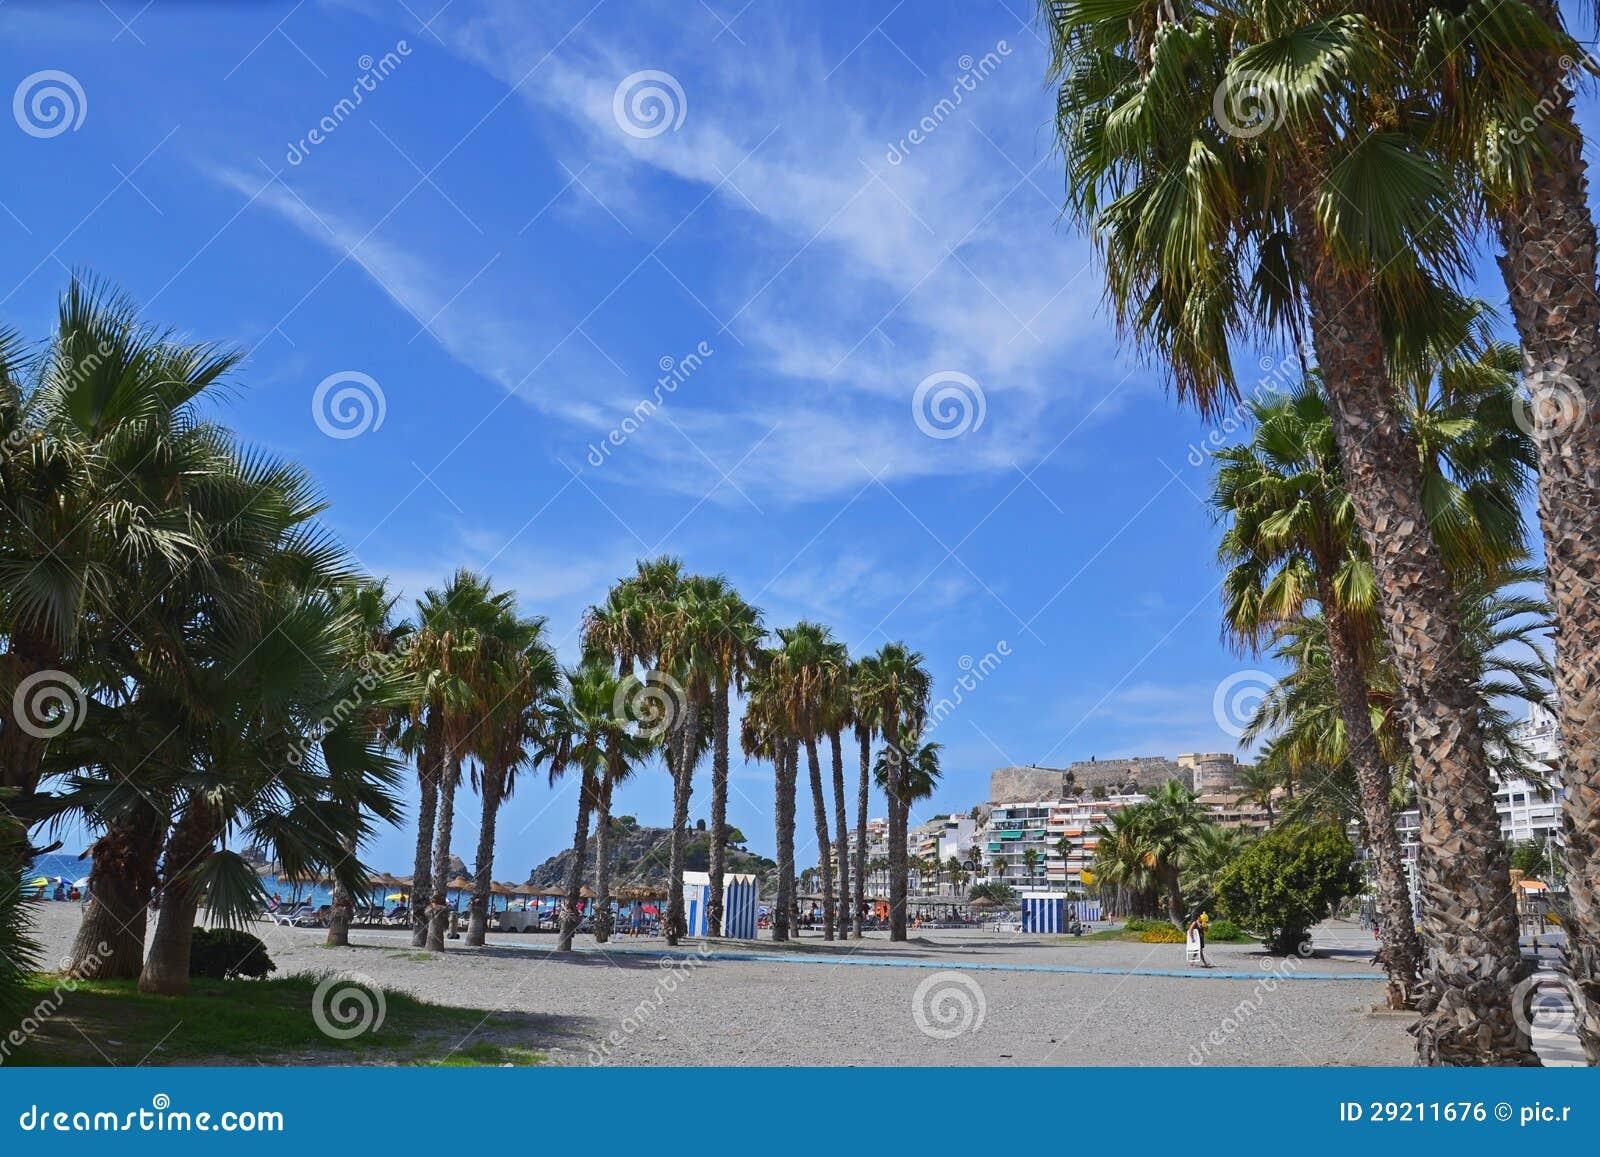 De stad Almunecar in Spanje, panorama van de kusttoevlucht